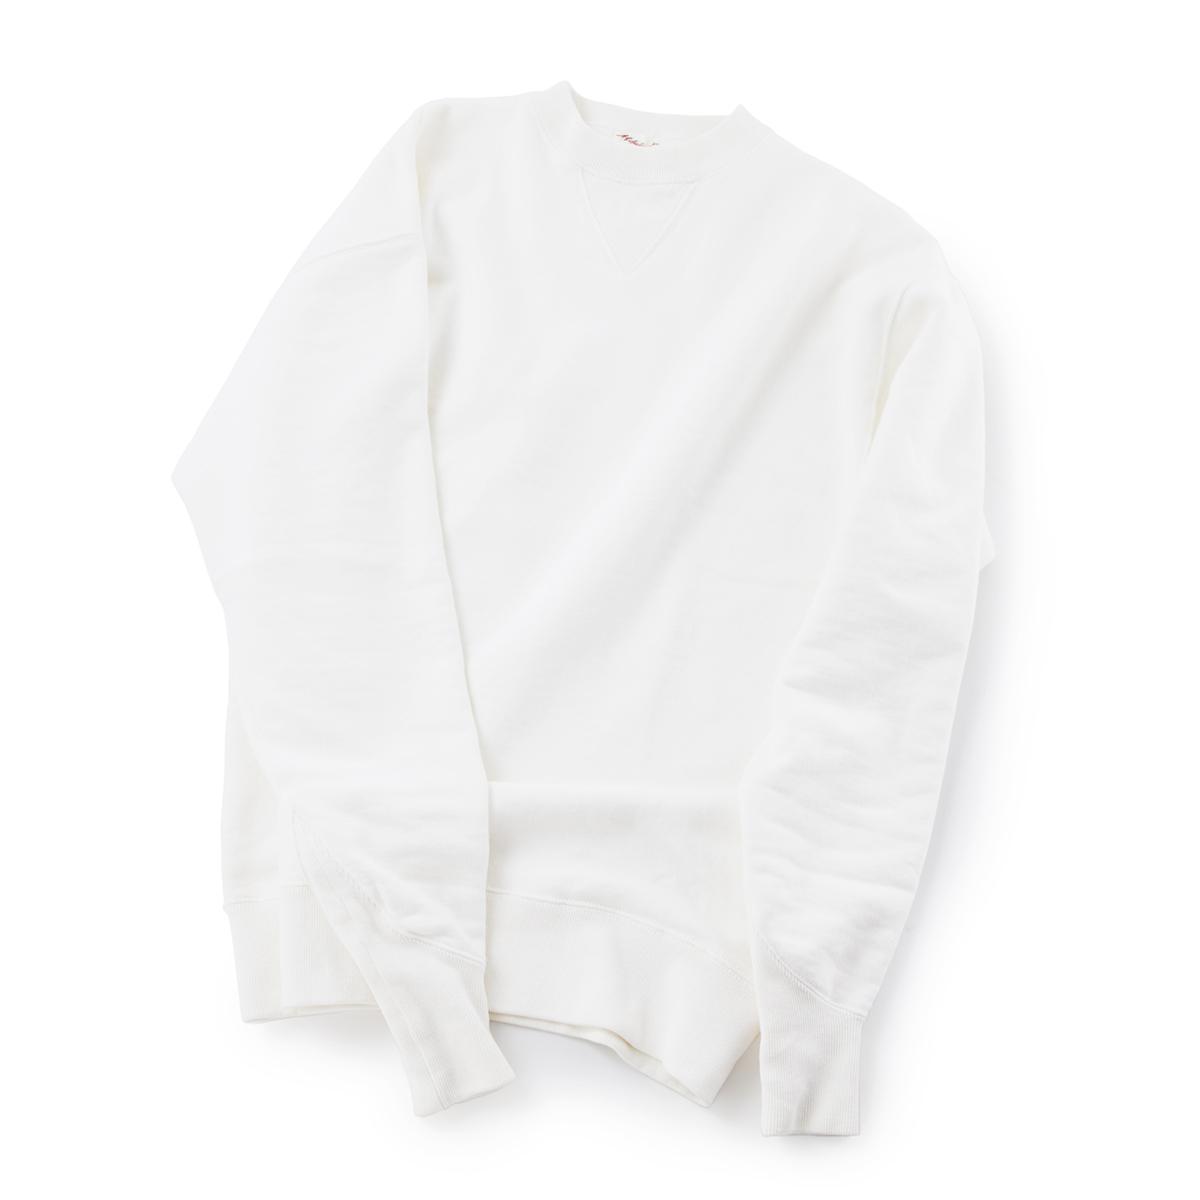 100年前のスウェット、復刻|《WHITE/トレーニングシャツ》腕元をすっきりと見せる独自のディテール、スポルディング社の名作から再構築されたスウェット|A.G. Spalding & Bros